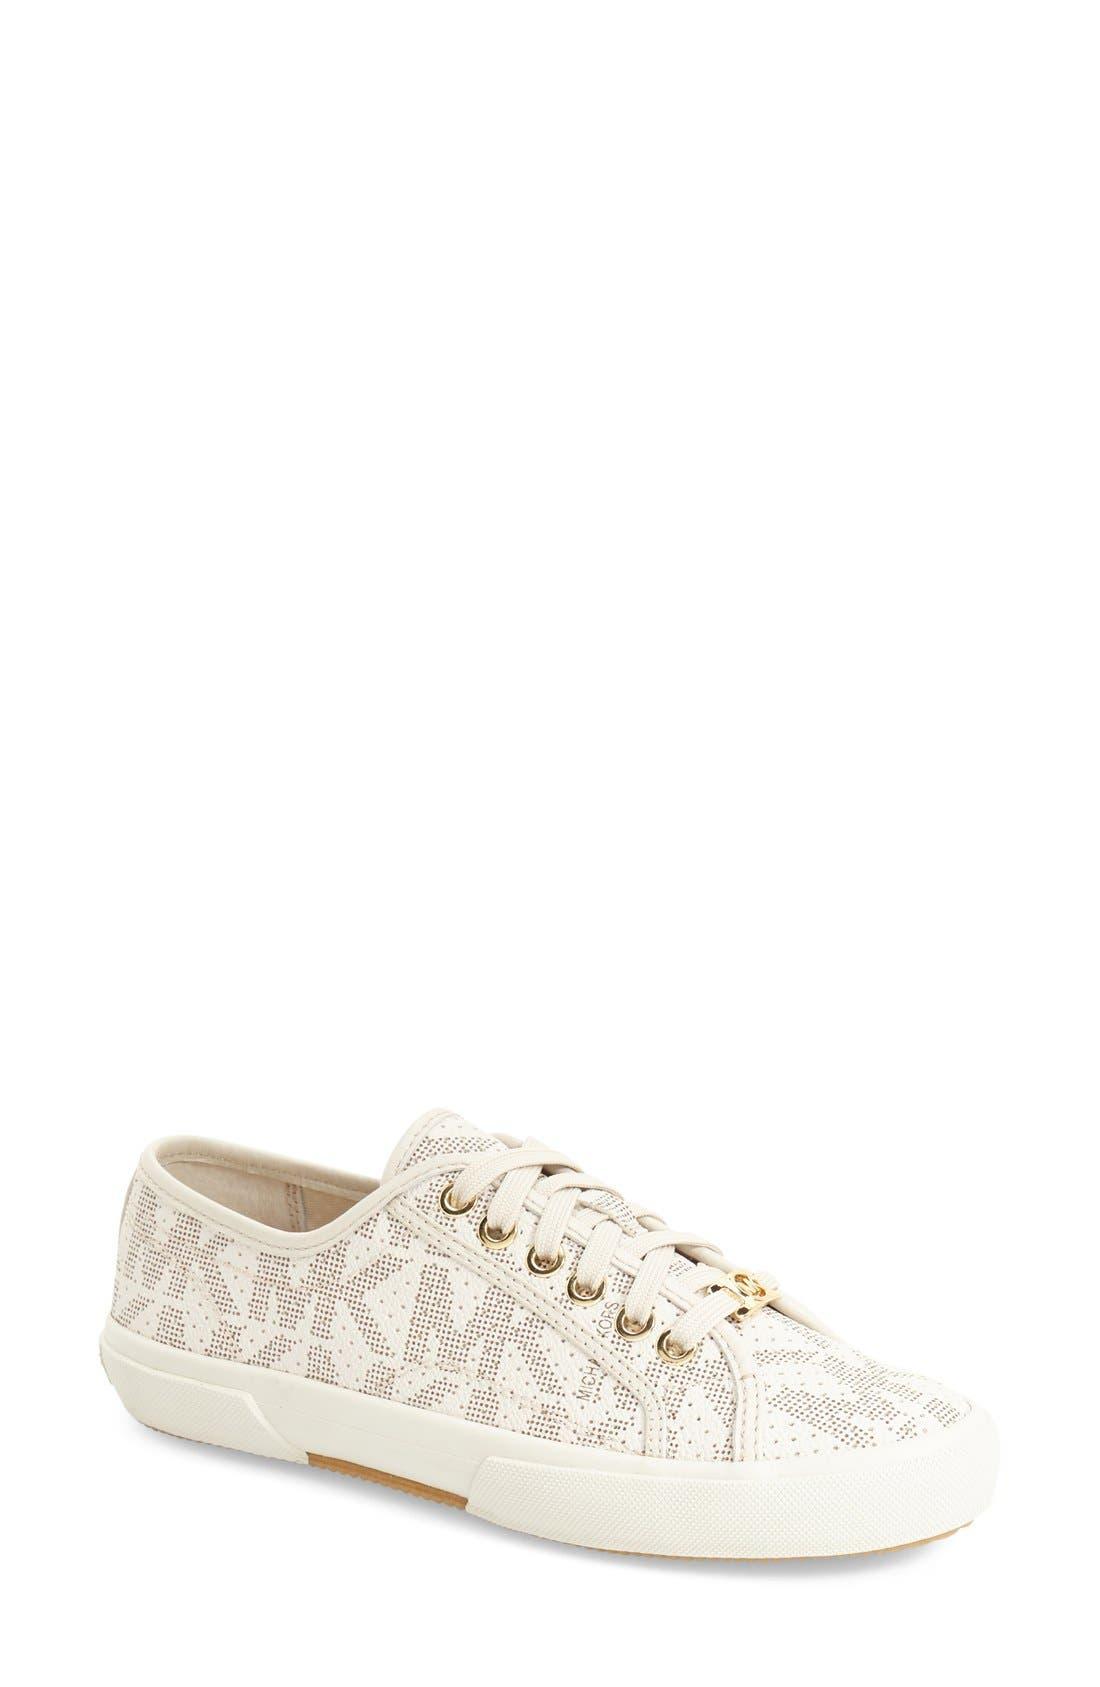 Main Image - MICHAEL Michael Kors 'Boerum' Sneaker